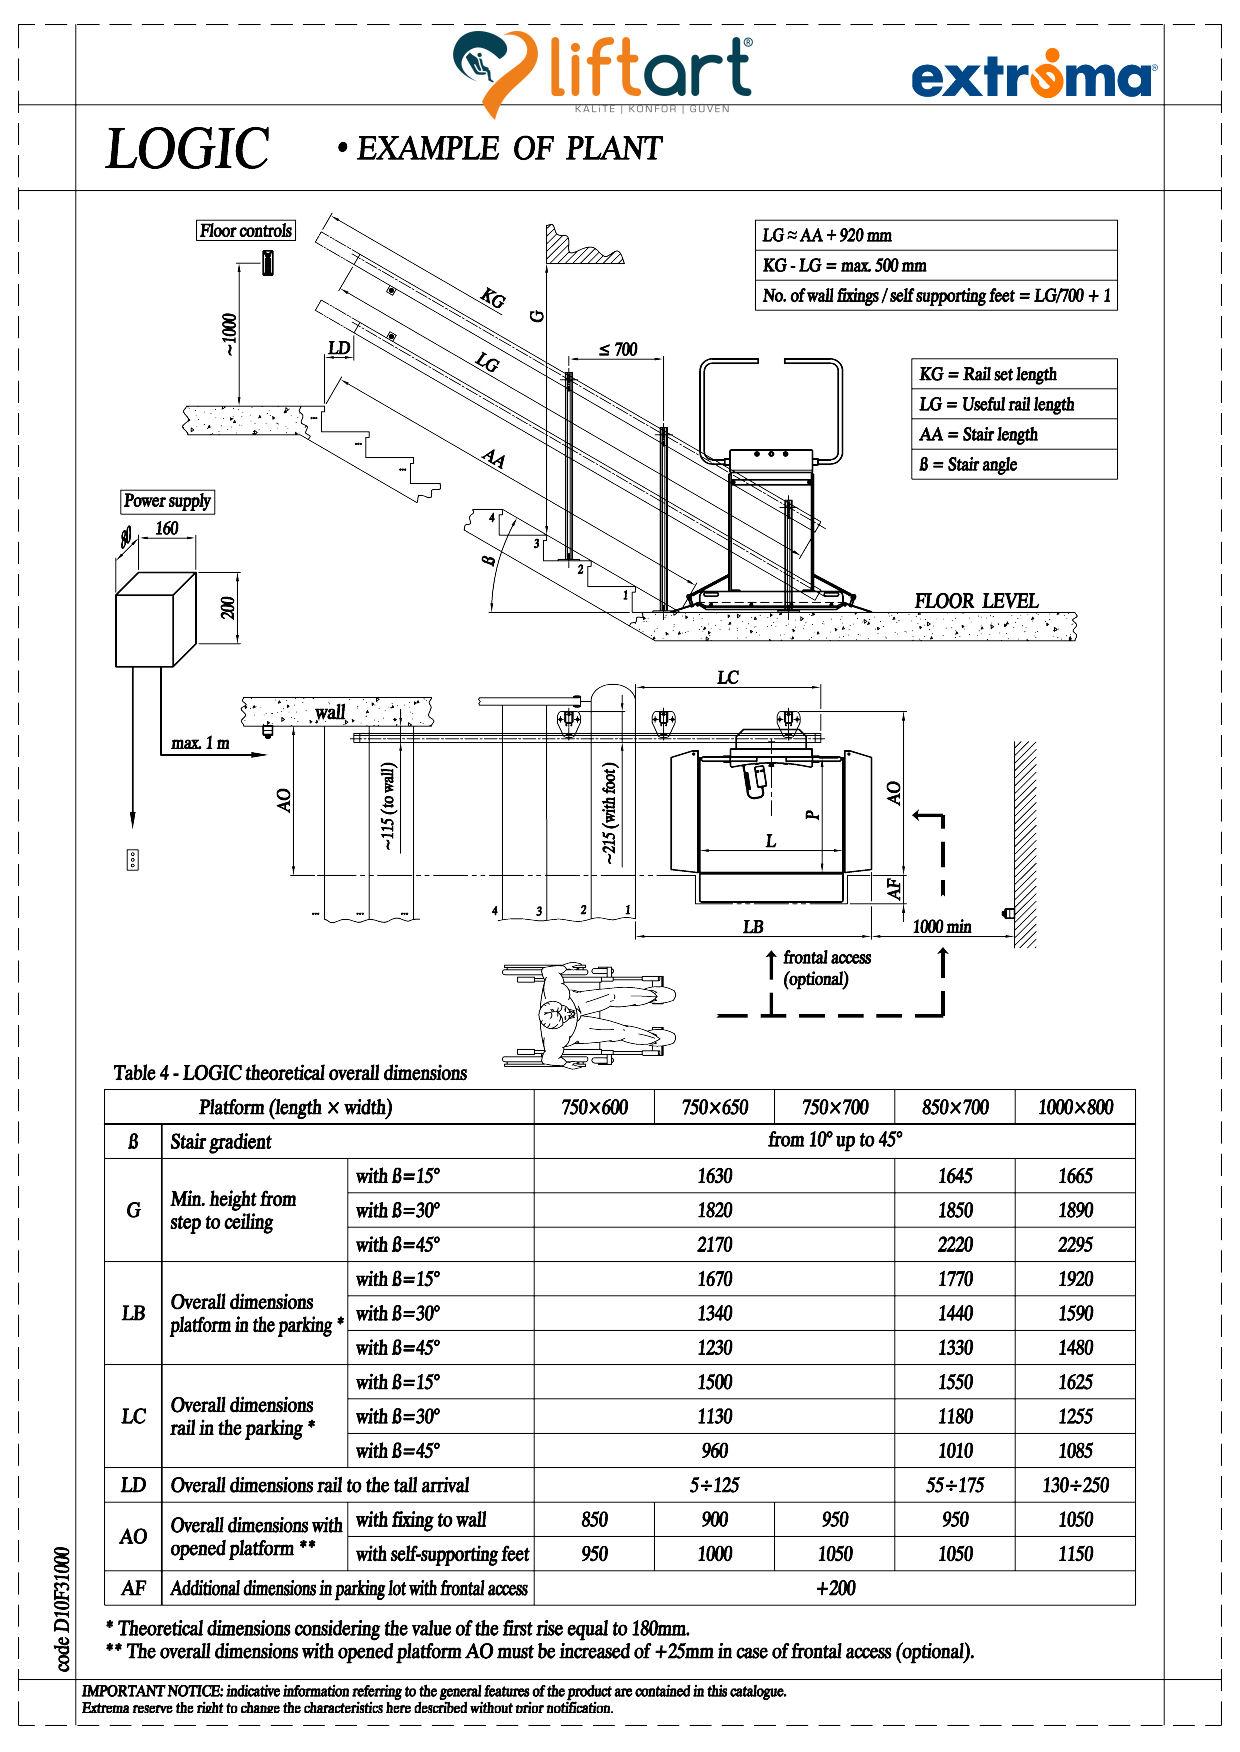 engelli asansörü ölçüleri, engelli platformu, engelli merdiven asansörü ölçüleri